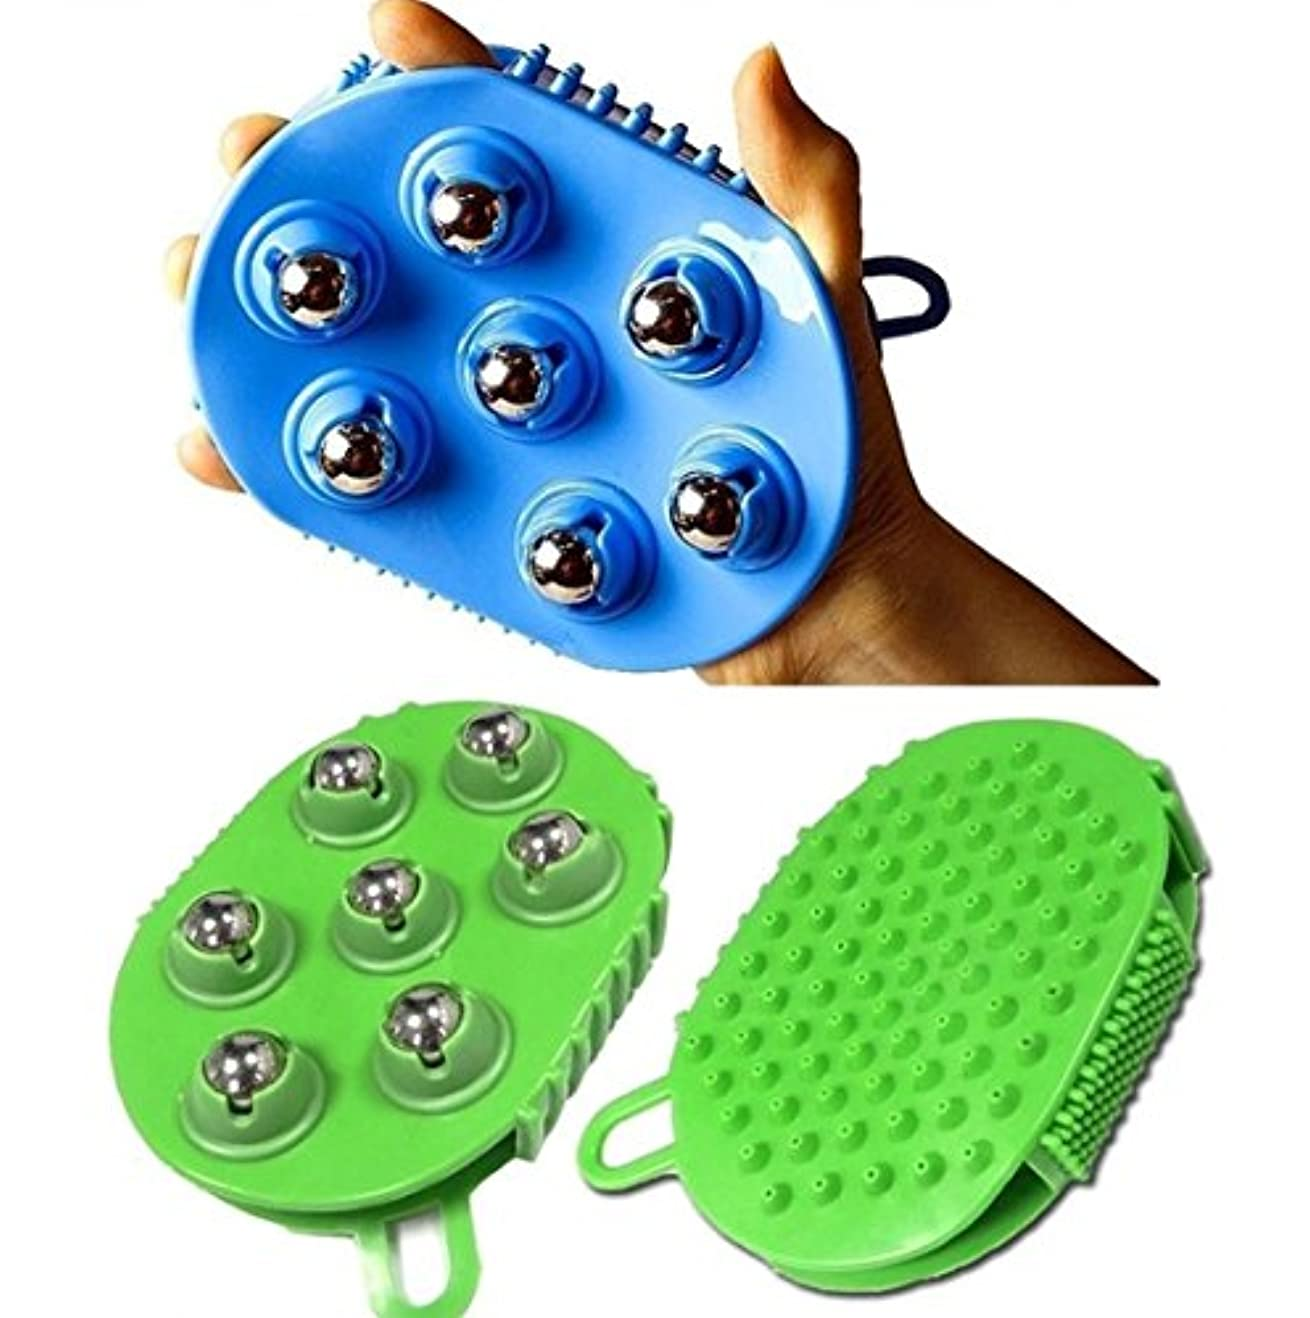 ダブル裂け目永久ステンレススチールボールマッサージブラシグローブ7ローリング 360度回転 / Stainless steel Ball Massage Brush Glove 7 Rolling 360 degree rotation...